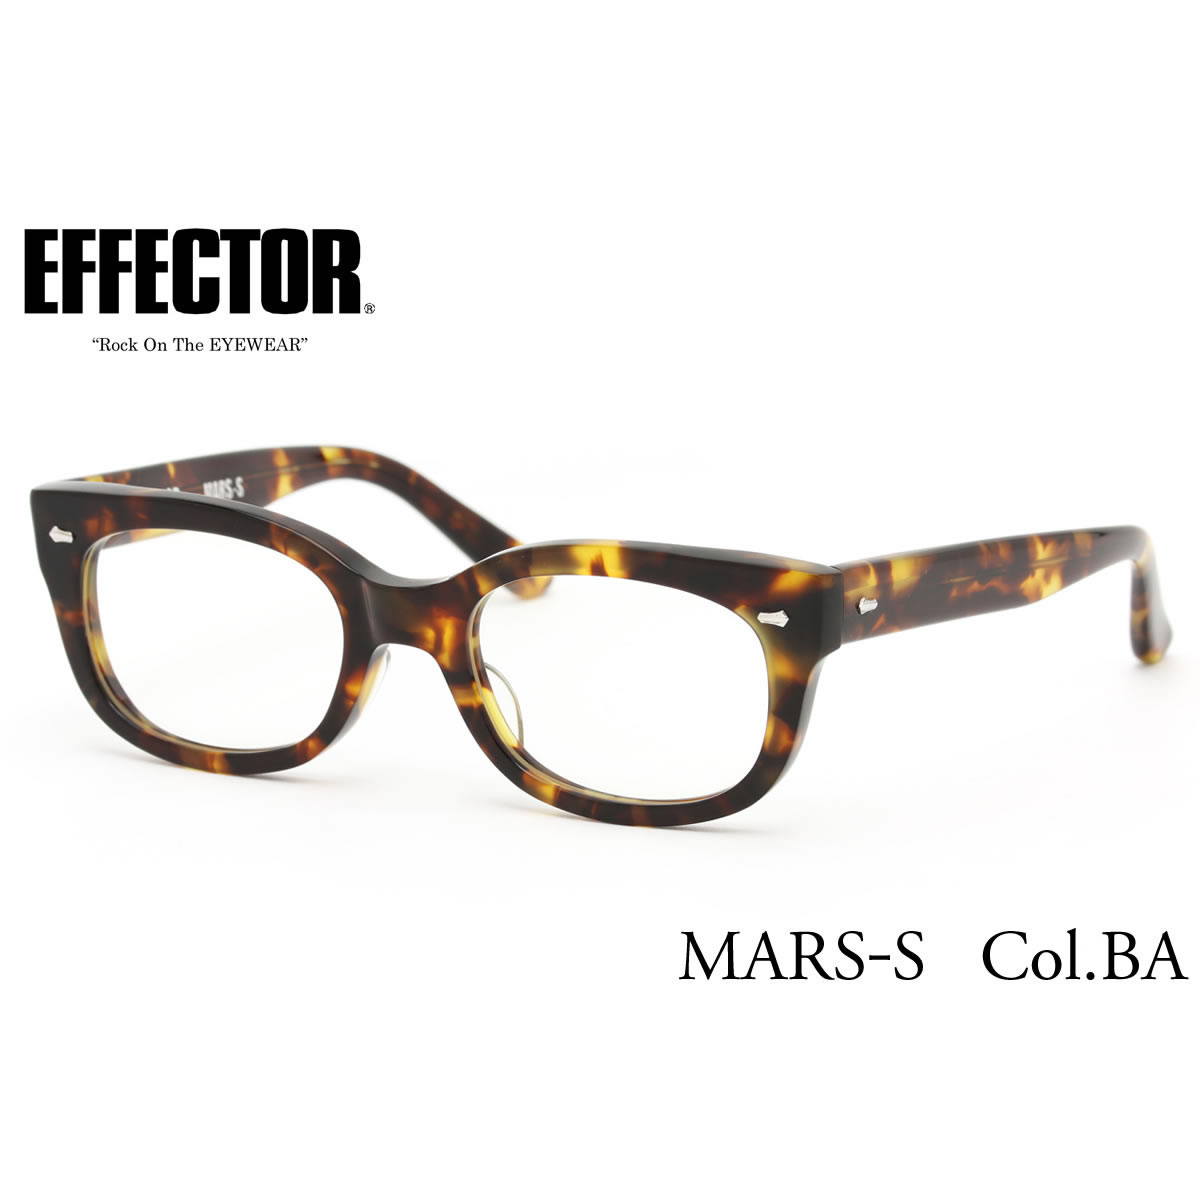 【10月30日からエントリーで全品ポイント20倍】【EFFECTOR】エフェクター 眼鏡 メガネ フレーム MARS-S BA 50サイズ エフェクター EFFECTOR マーズ エス UVカット仕様伊達メガネレンズ付 日本製 メンズ レディース